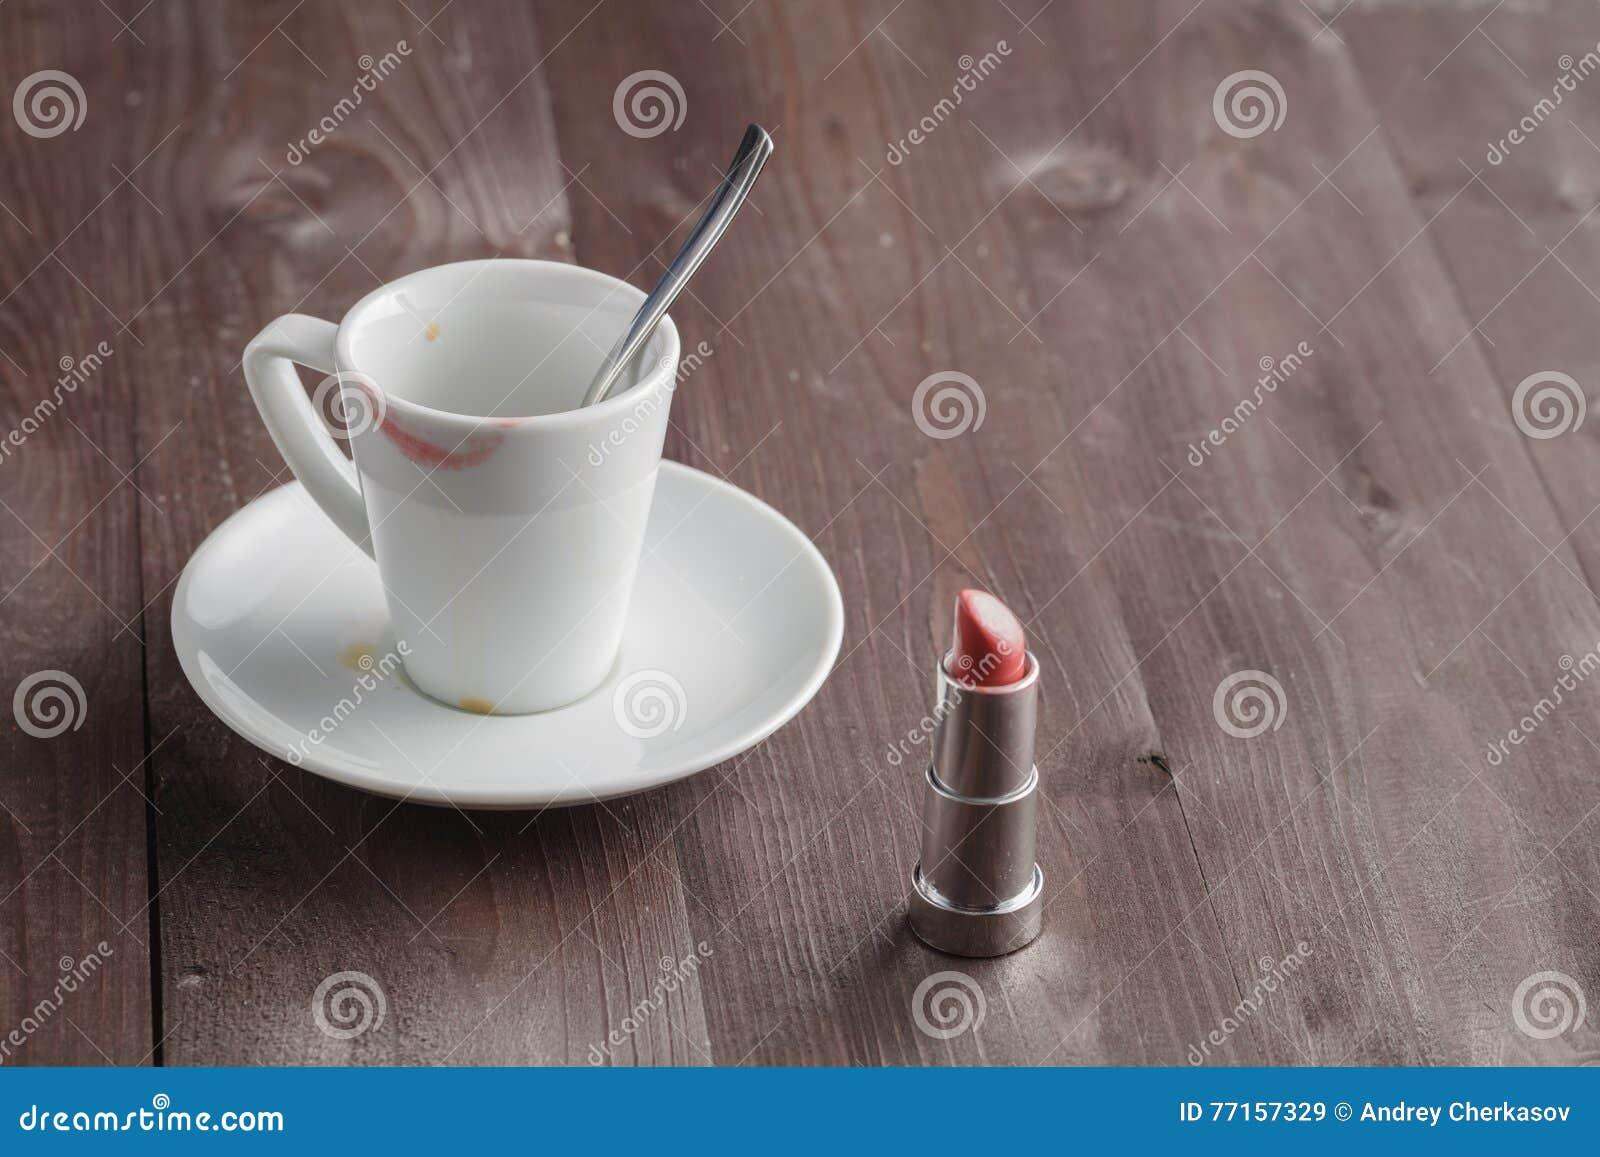 Rouge à lèvres sur la tasse de café